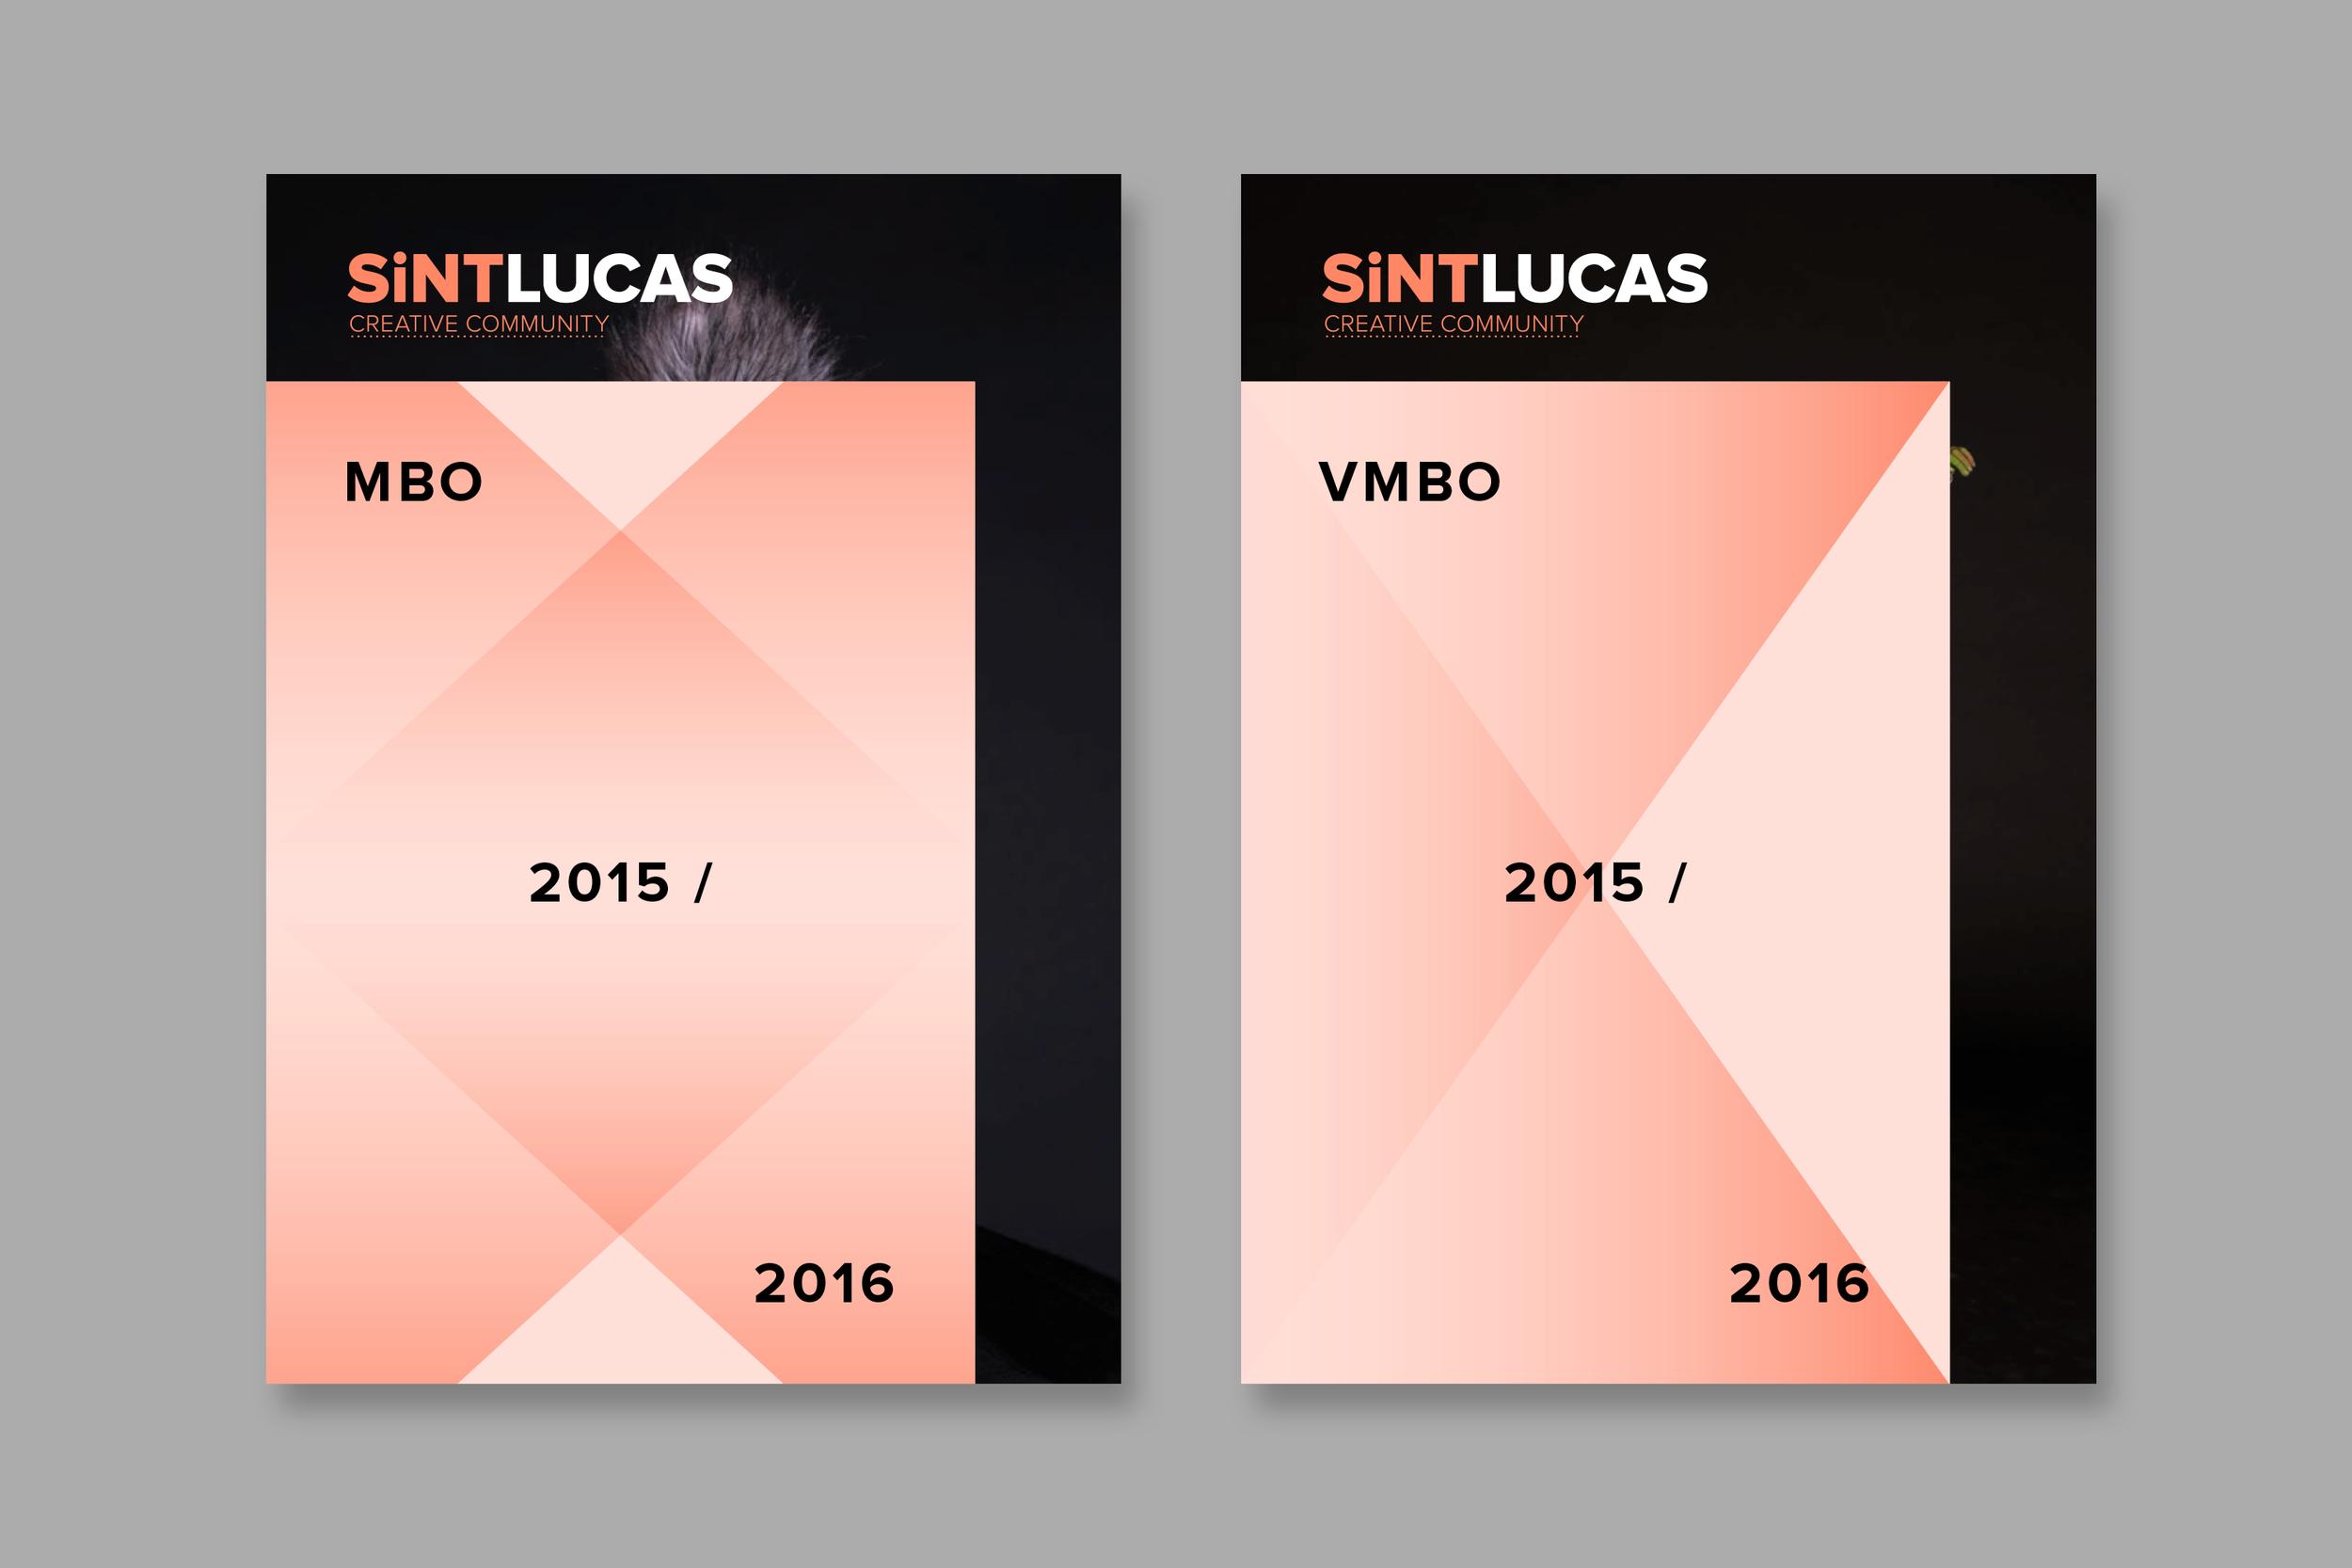 sintlucas-1.png